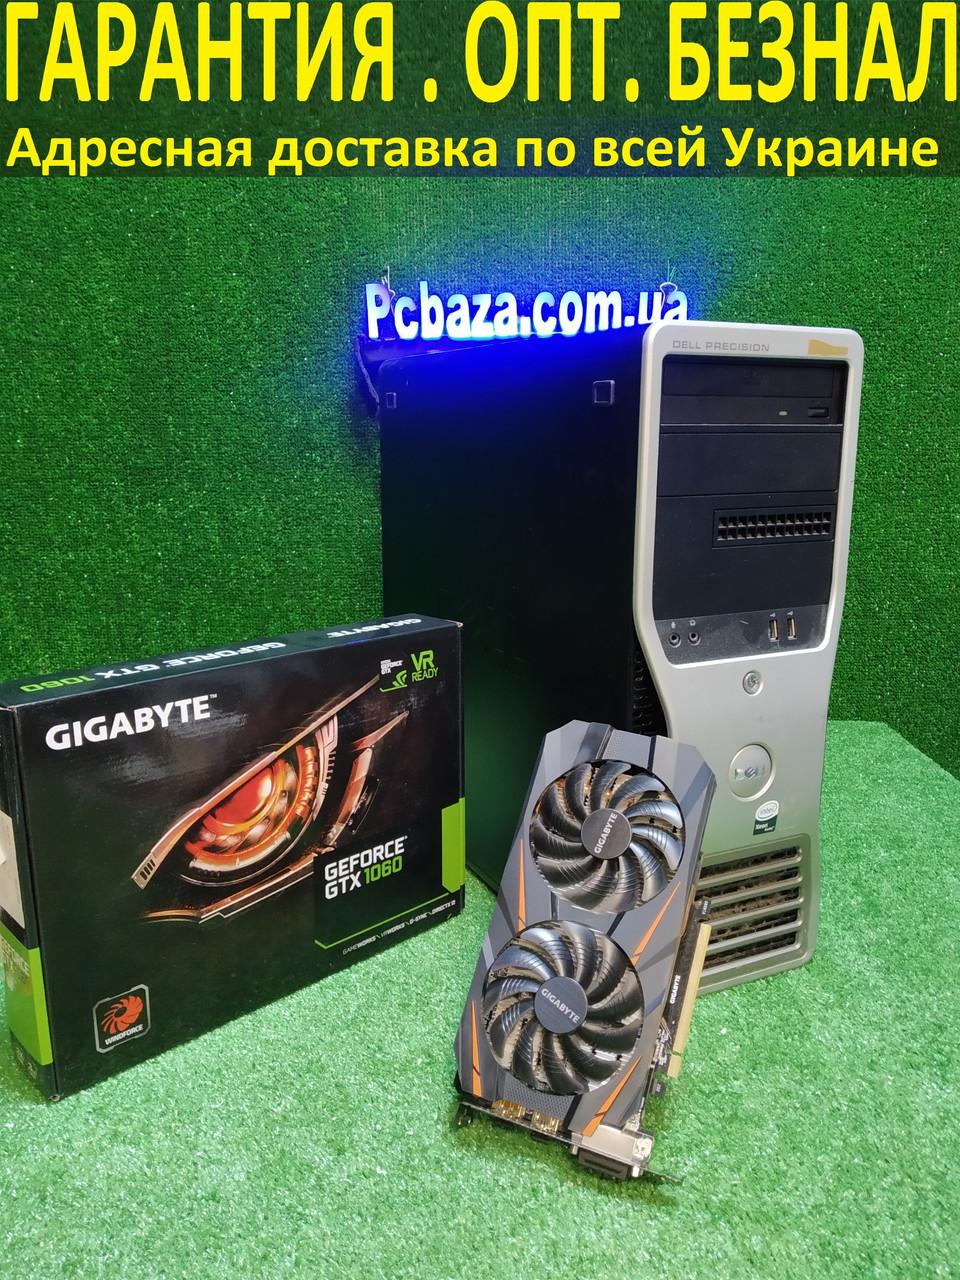 Игровой Настроенный Dell Precision t3500, 4(8) ядра, Core i7 (Xeon) 12gb ОЗУ, 128SSD+1000GB HDD, GTX 1060 3 GB